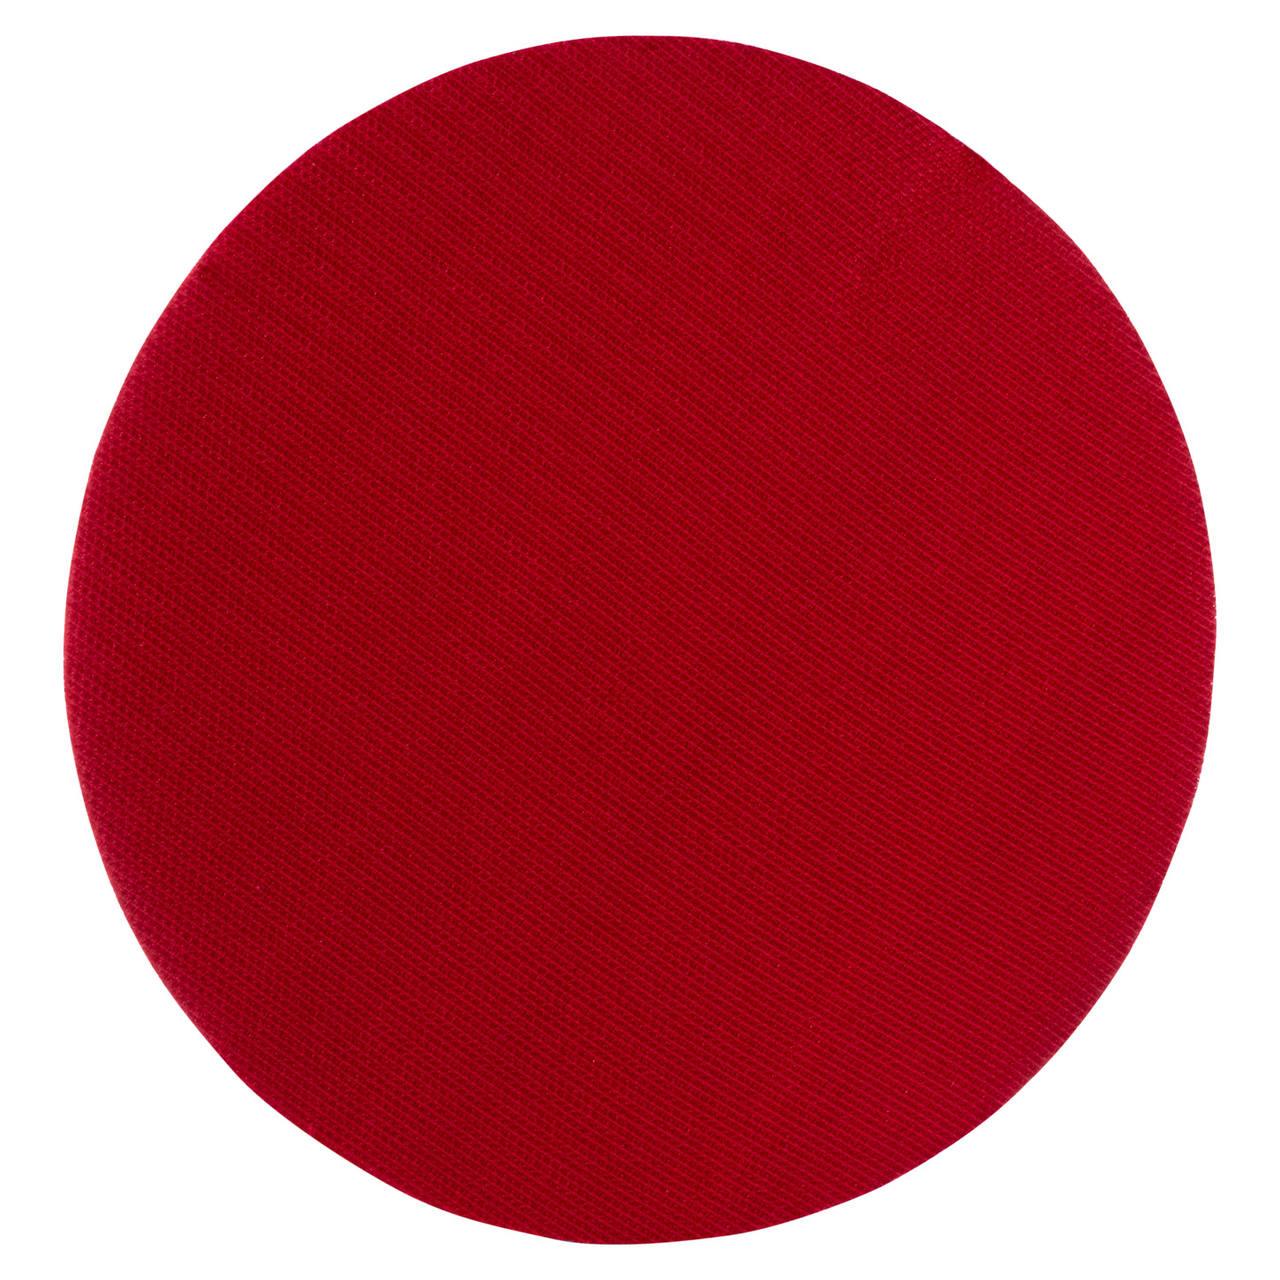 Prato Com Velcro Espuma 7'' Vermelho